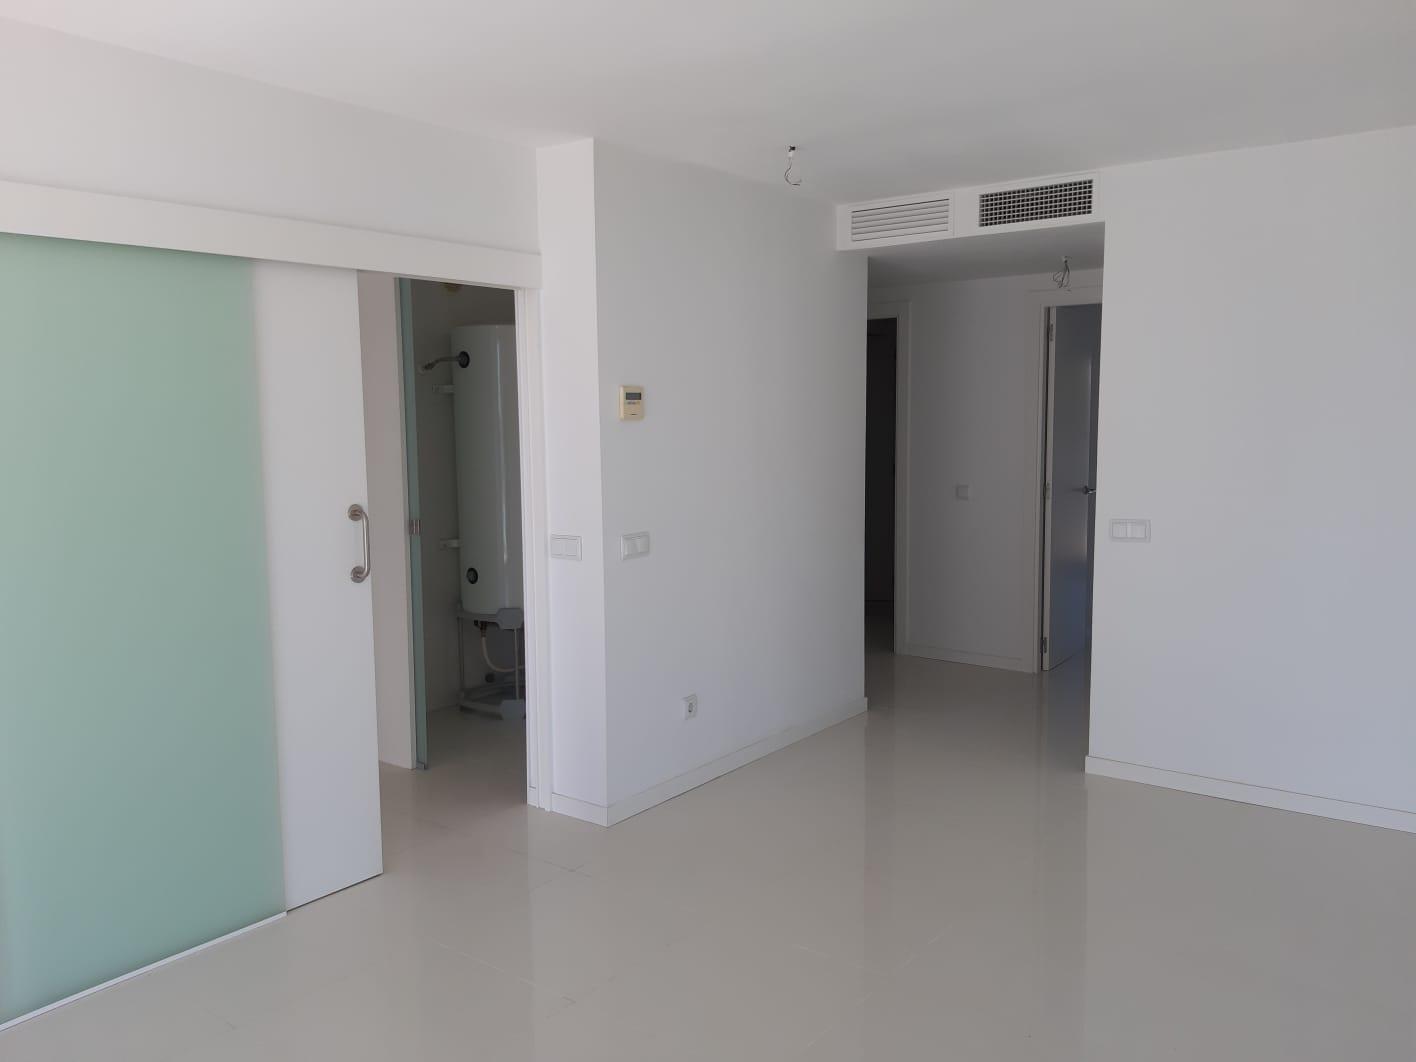 Precioso apartamento de 2 dormitorios en residencia moderna frente al mar en Playa d'en Bossa, Ibiza